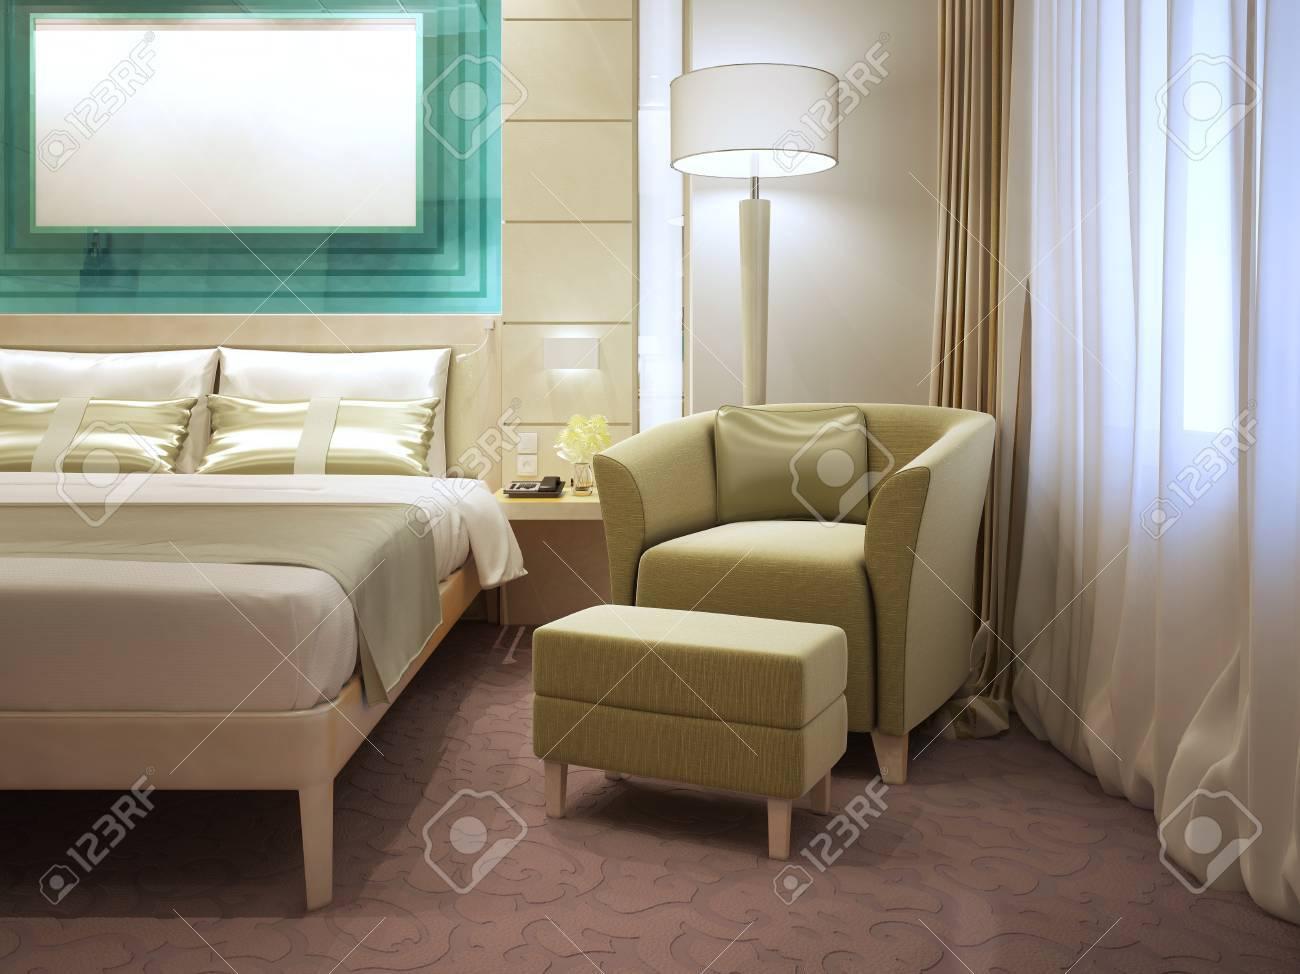 Cool Sessel Mit Fußstütze Sammlung Von Fußstütze In Modernen Hotels. 3d übertragen Standard-bild